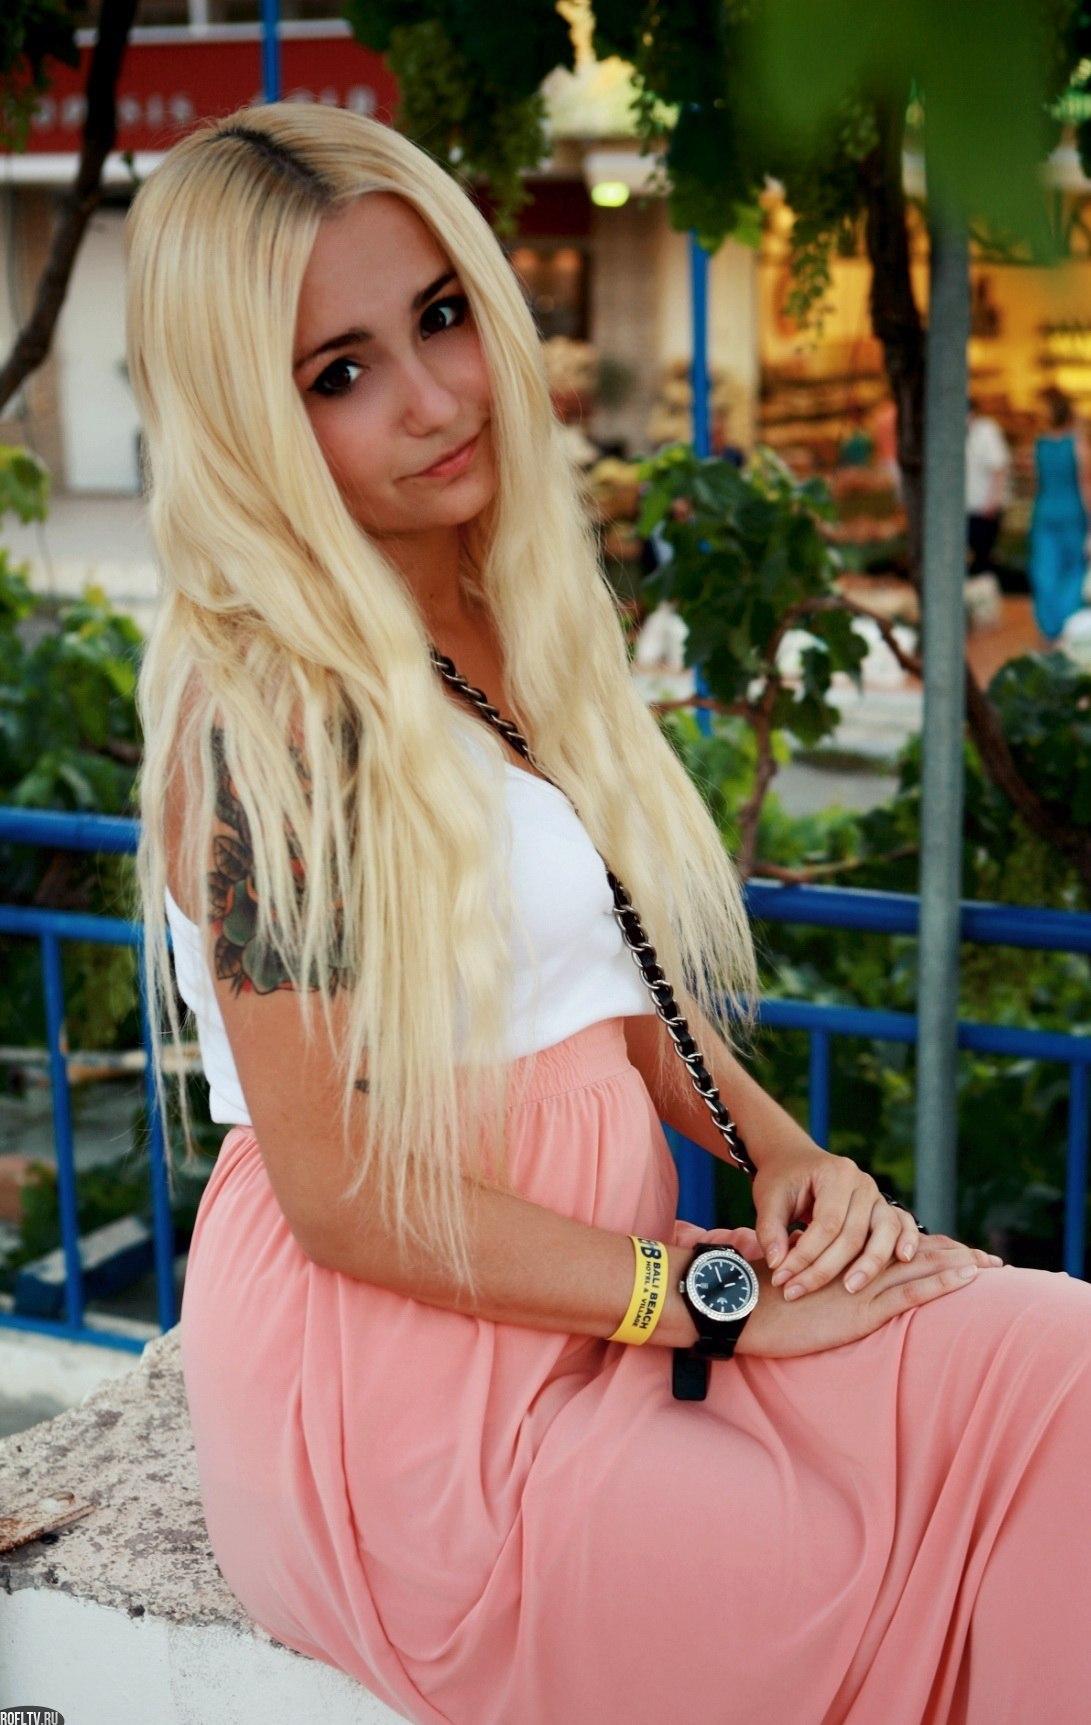 Самые красивые девушки вконтакте 10 фотография